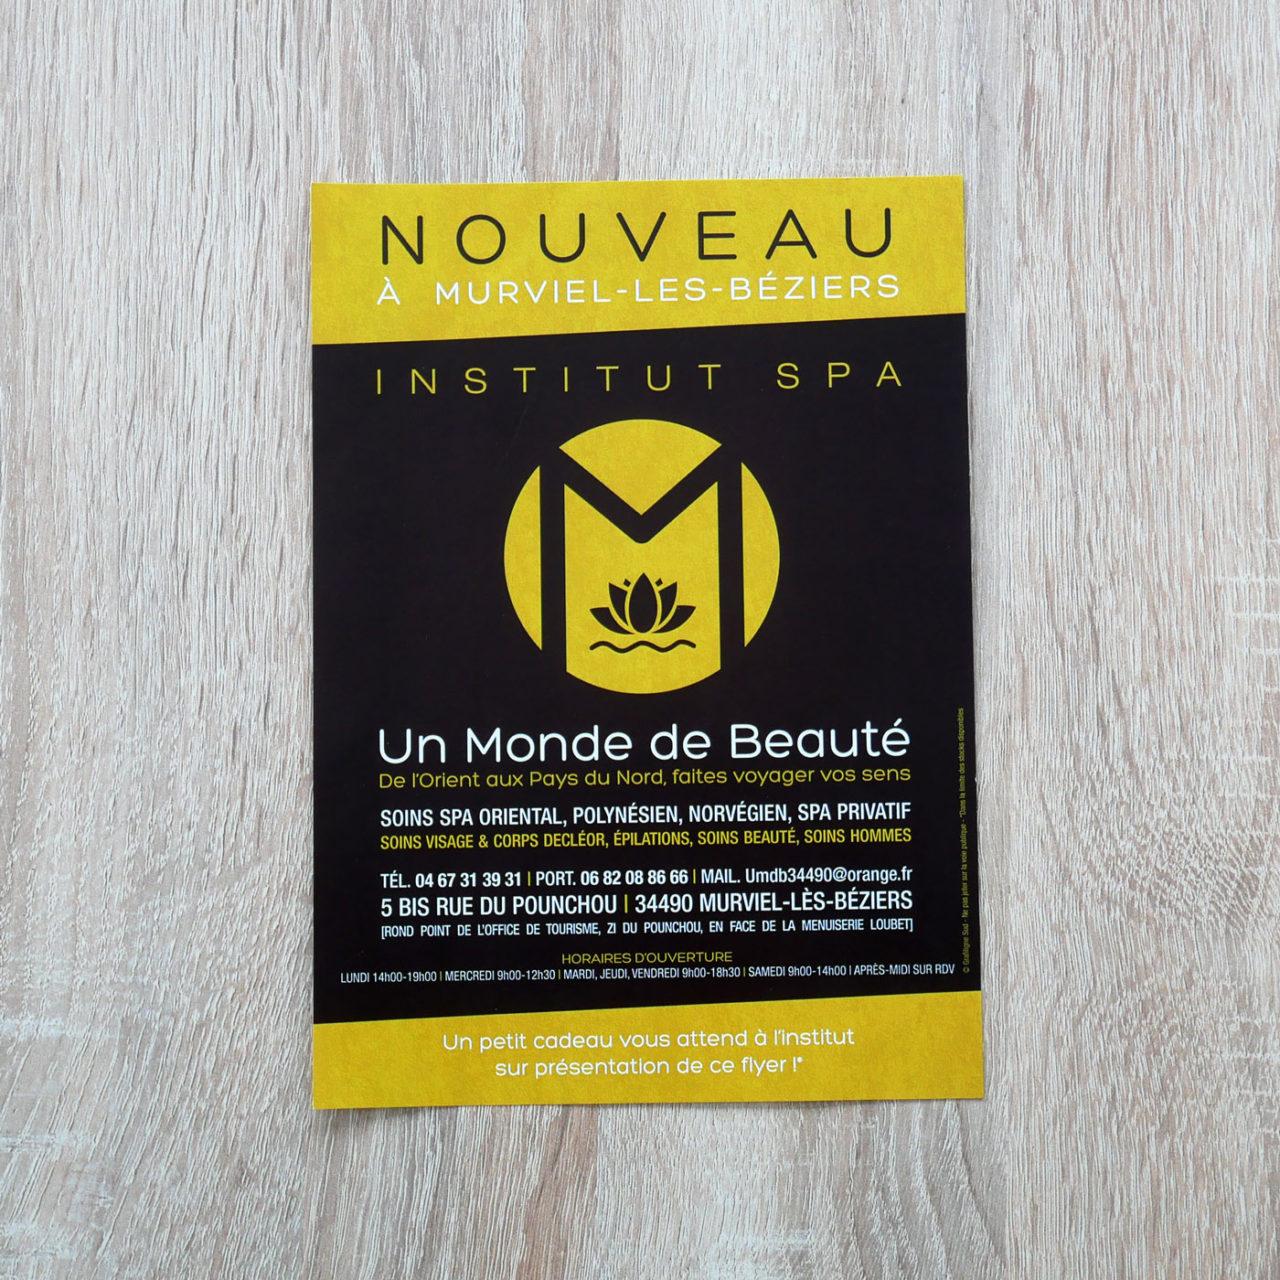 création graphique Flyer Un Monde de Beauté à Murviel-les-Béziers